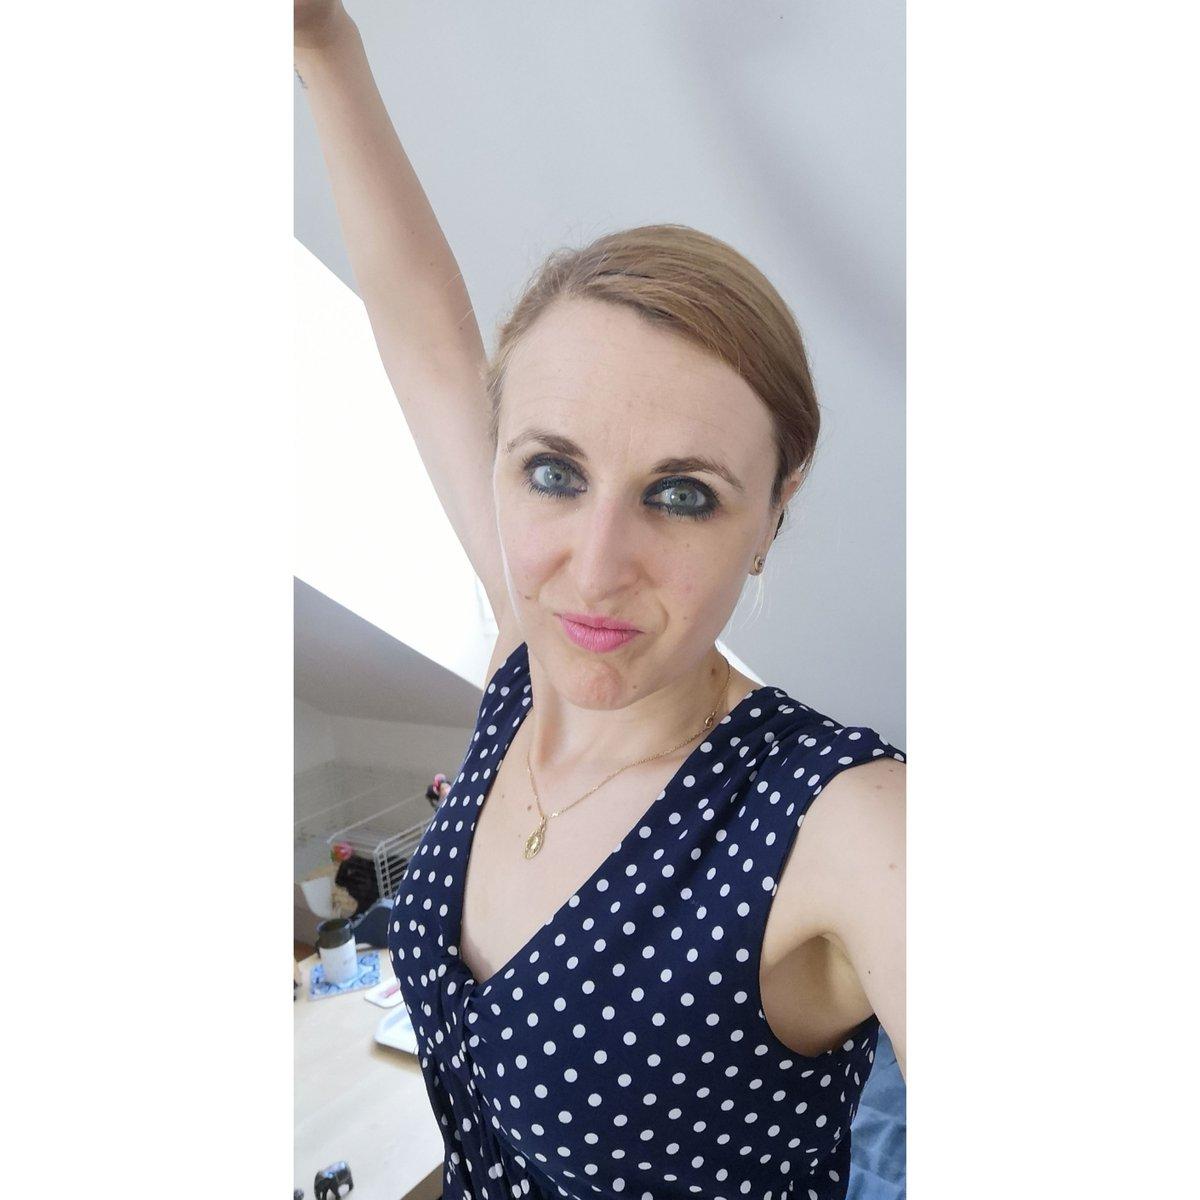 """""""Les gens les plus heureux n'ont pas tout ce qu'il y a de mieux. Ils font juste de leur mieux avec tout ce qu'ils ont."""" Auteur inconnu  #GIRLBOSS #bossgirl #bossbabe #girlpower #goodvibes #lifestyle #feliz #bonheur #frenchgirl #smile #parisienne #pictureoftheday #felizespocopic.twitter.com/89jPgAaNUM"""